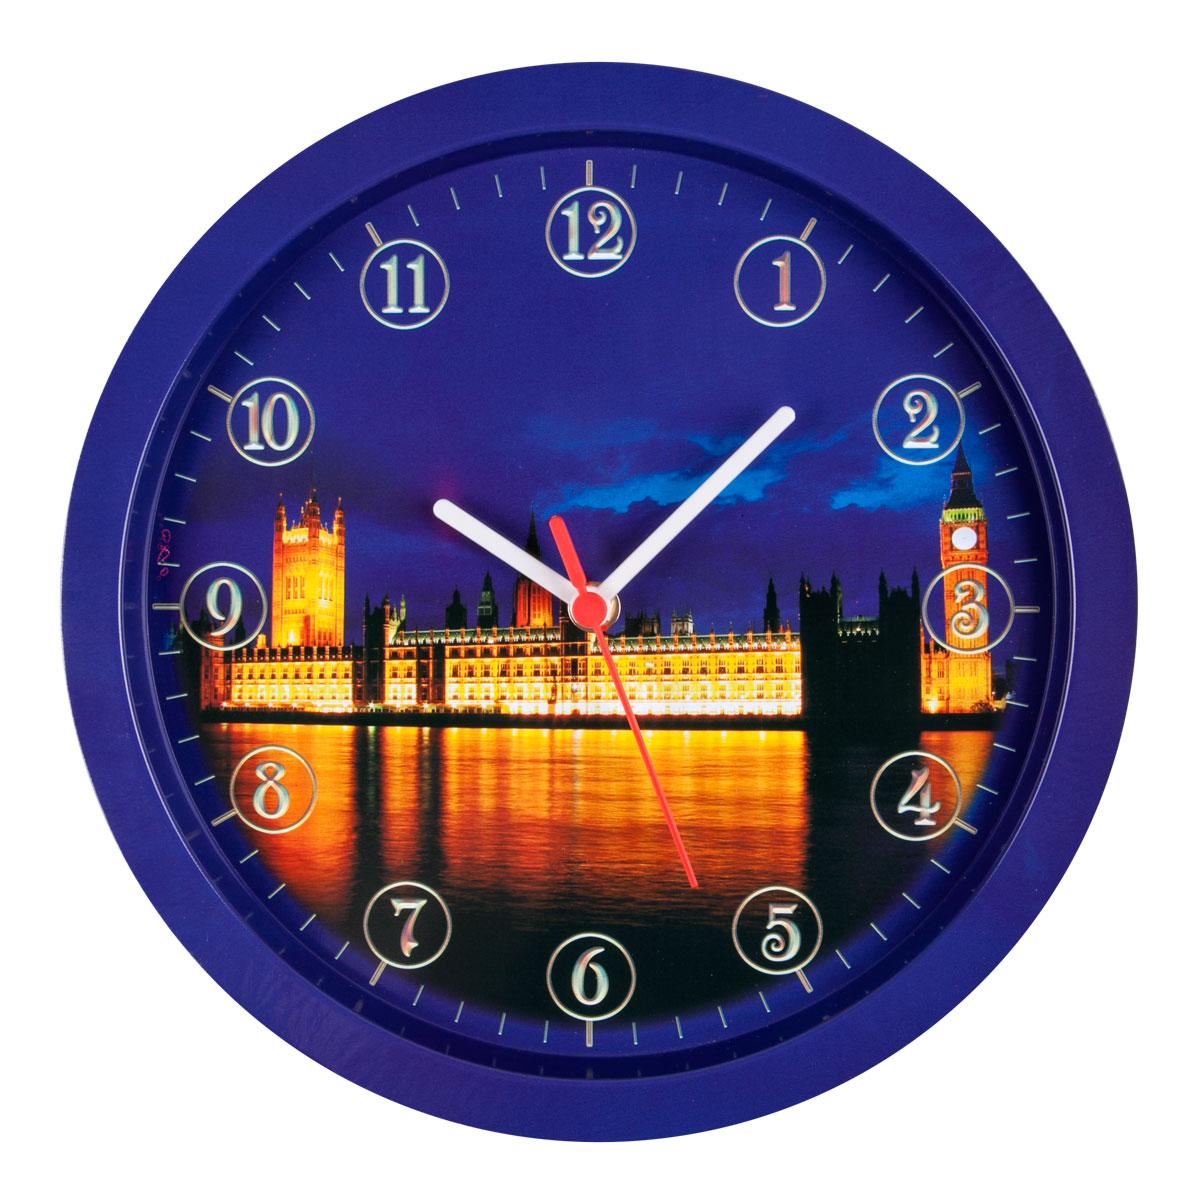 Часы настенные Miolla Лондон, цвет: синий, оранжевыйCH006Оригинальные настенные часы круглой формы выполнены из стали. Часы имеют три стрелки - часовую, минутную и секундную и циферблат с цифрами. Необычное дизайнерское решение и качество исполнения придутся по вкусу каждому. Оформите свой дом таким интерьерным аксессуаром или преподнесите его в качестве презента друзьям, и они оценят ваш оригинальный вкус и неординарность подарка.